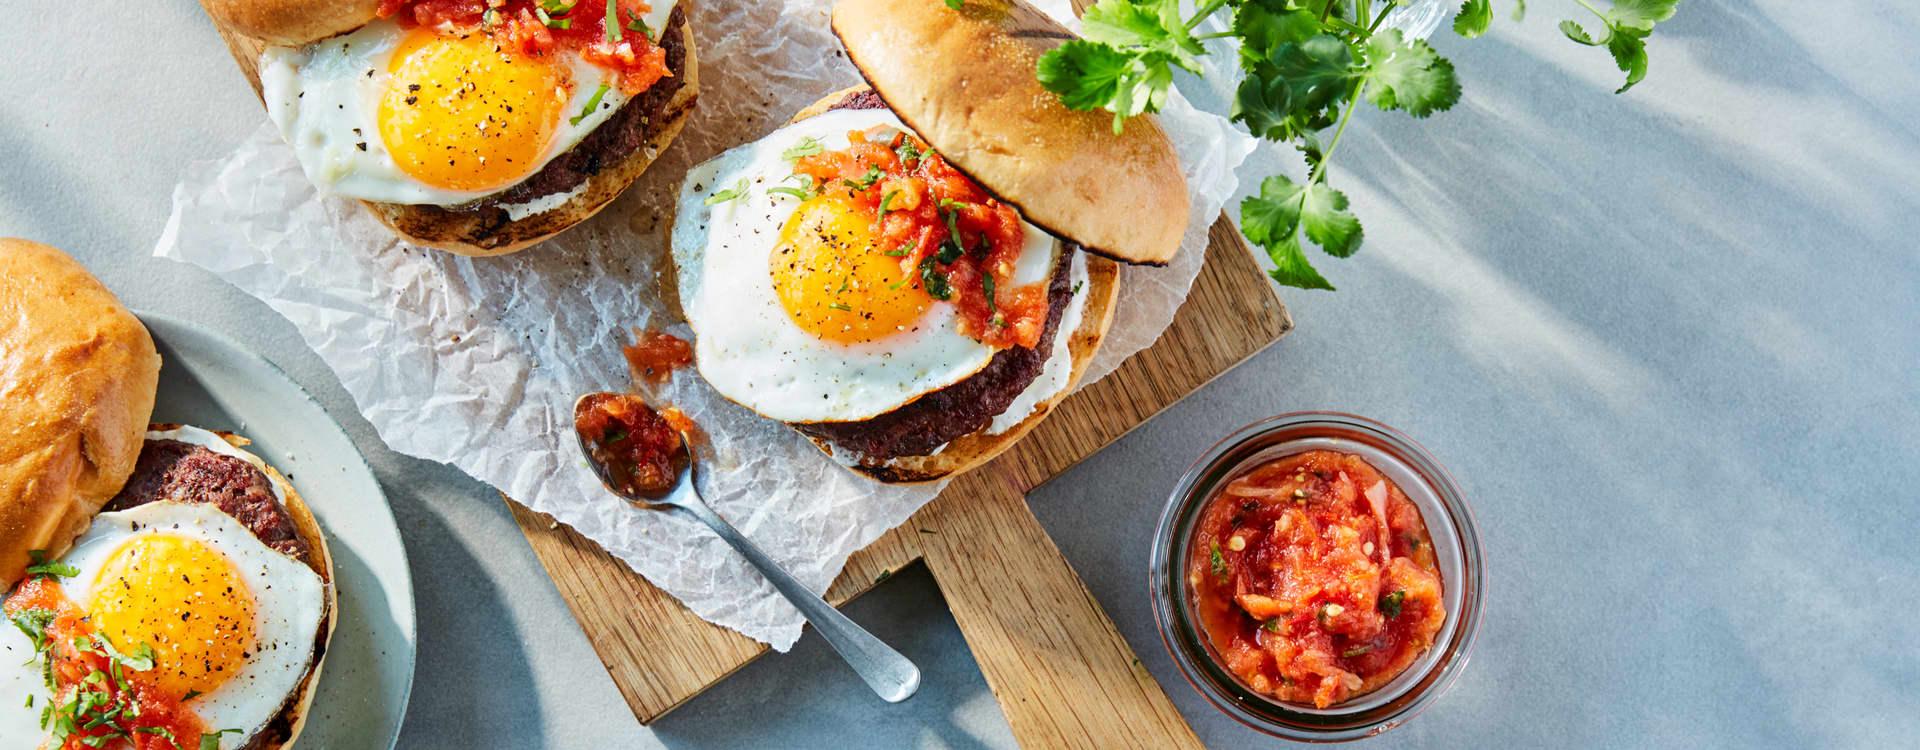 Baconburger med egg og salsa